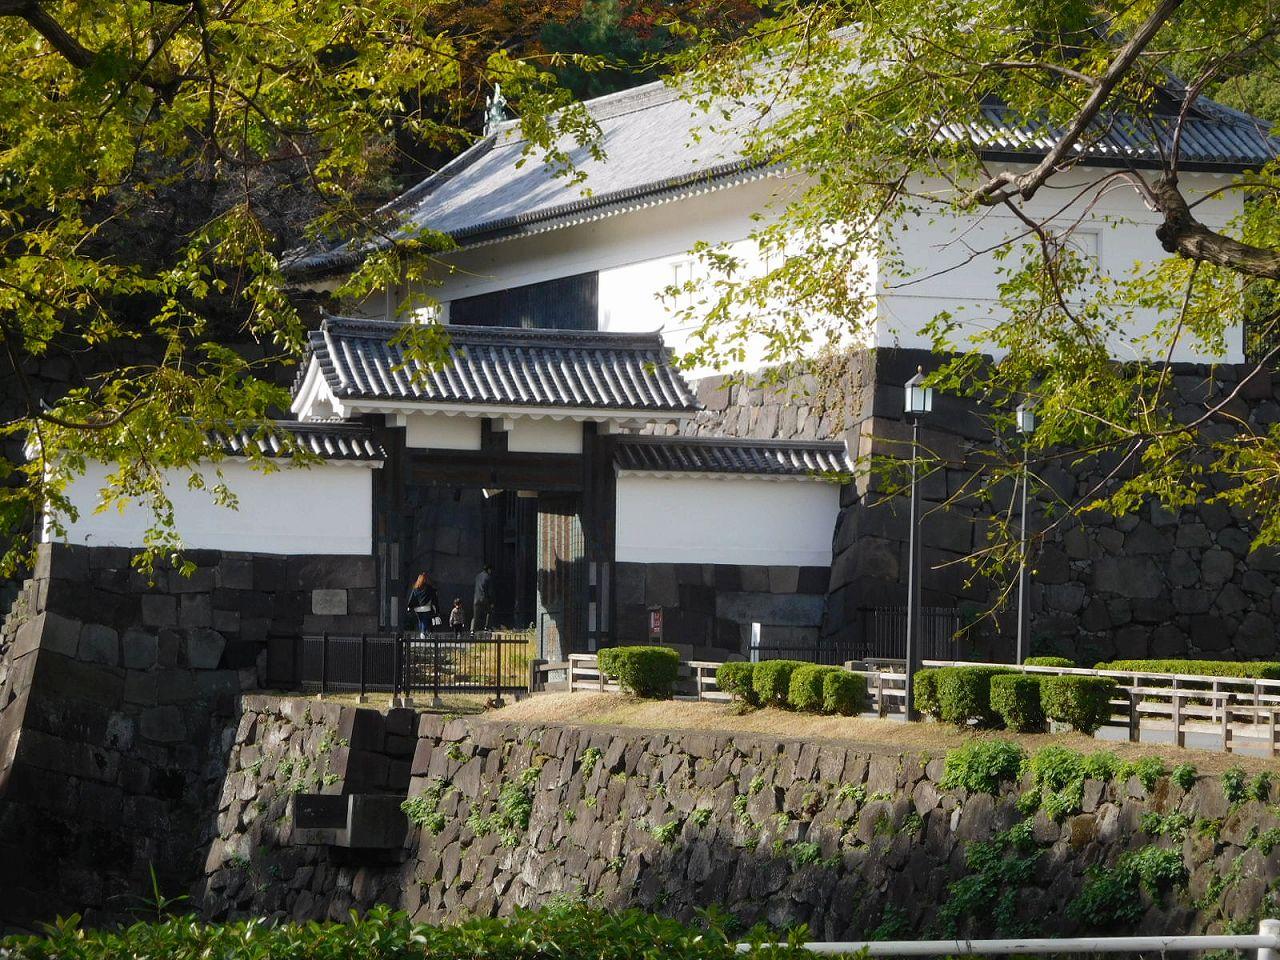 和宮が入場した清水門 国の重要文化財に指定されている